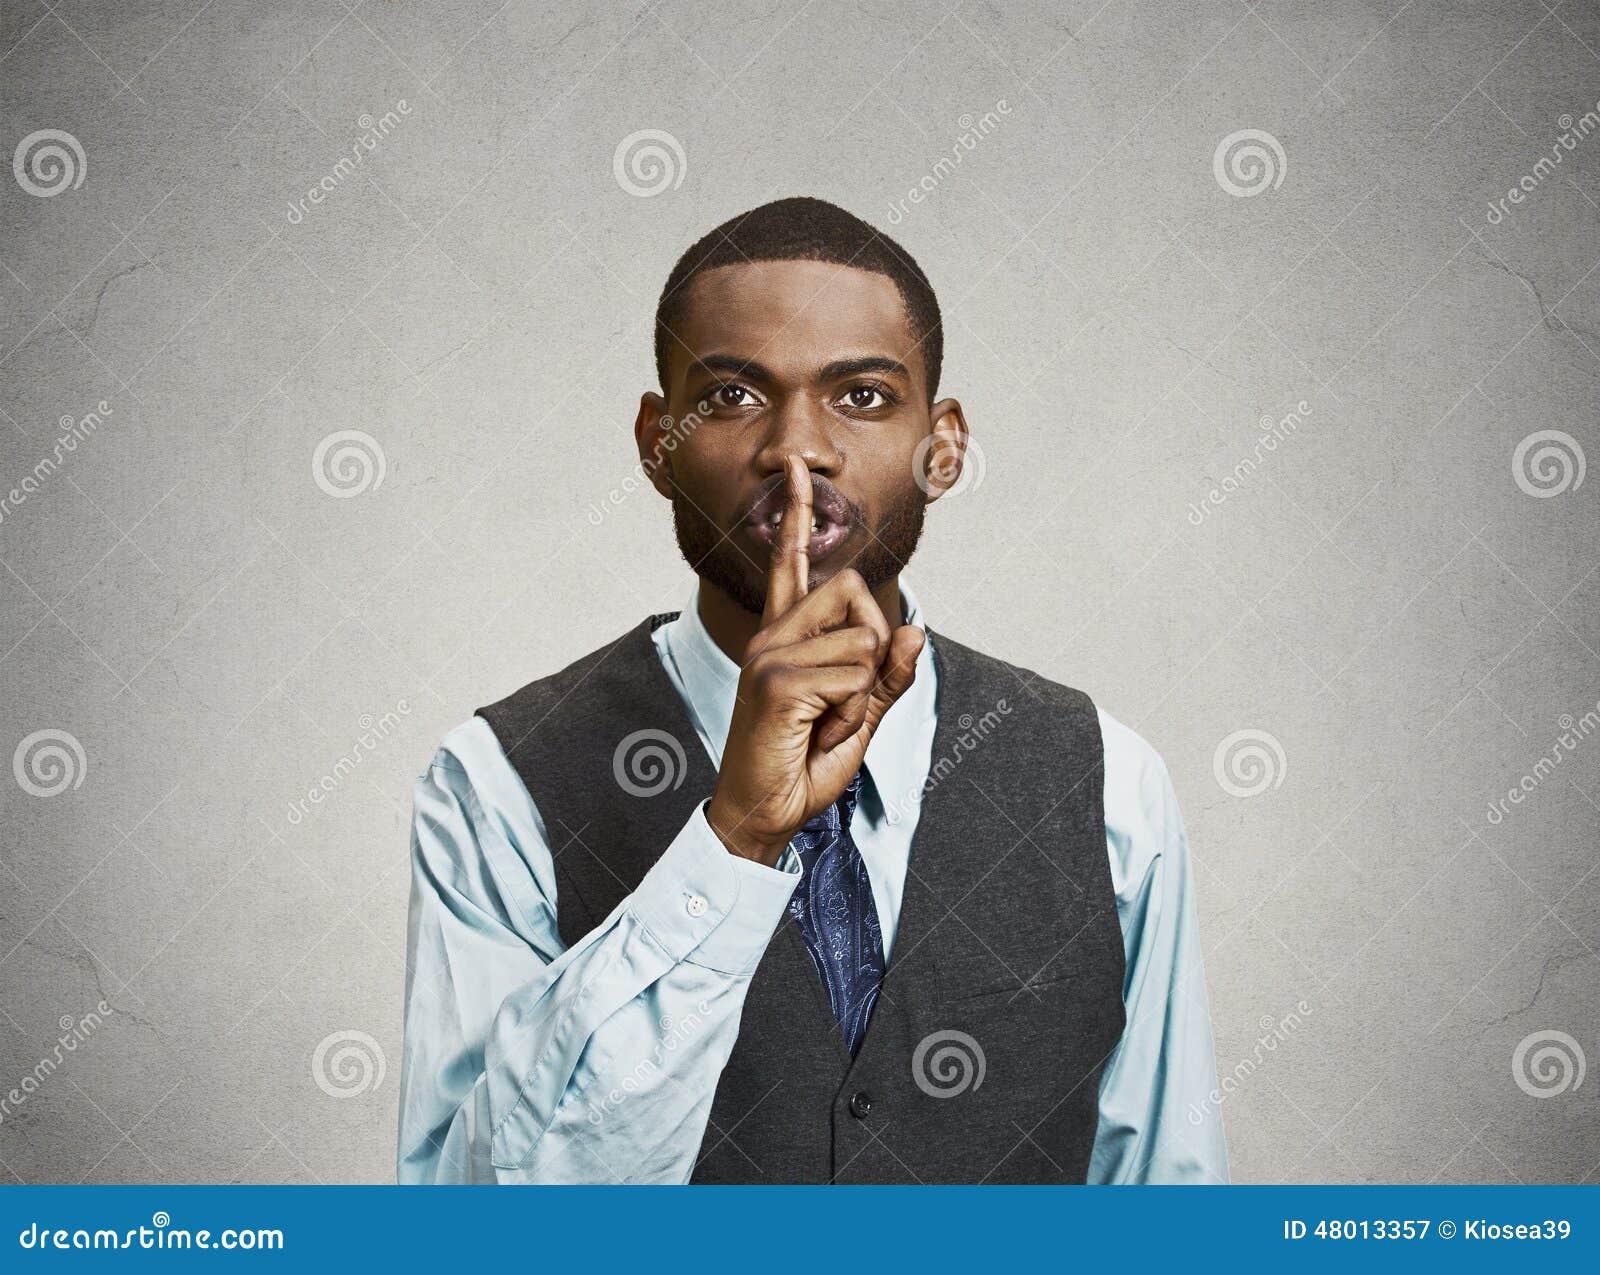 Secret Man, Finger On Lips Gesture Stock Image - Image of hushed